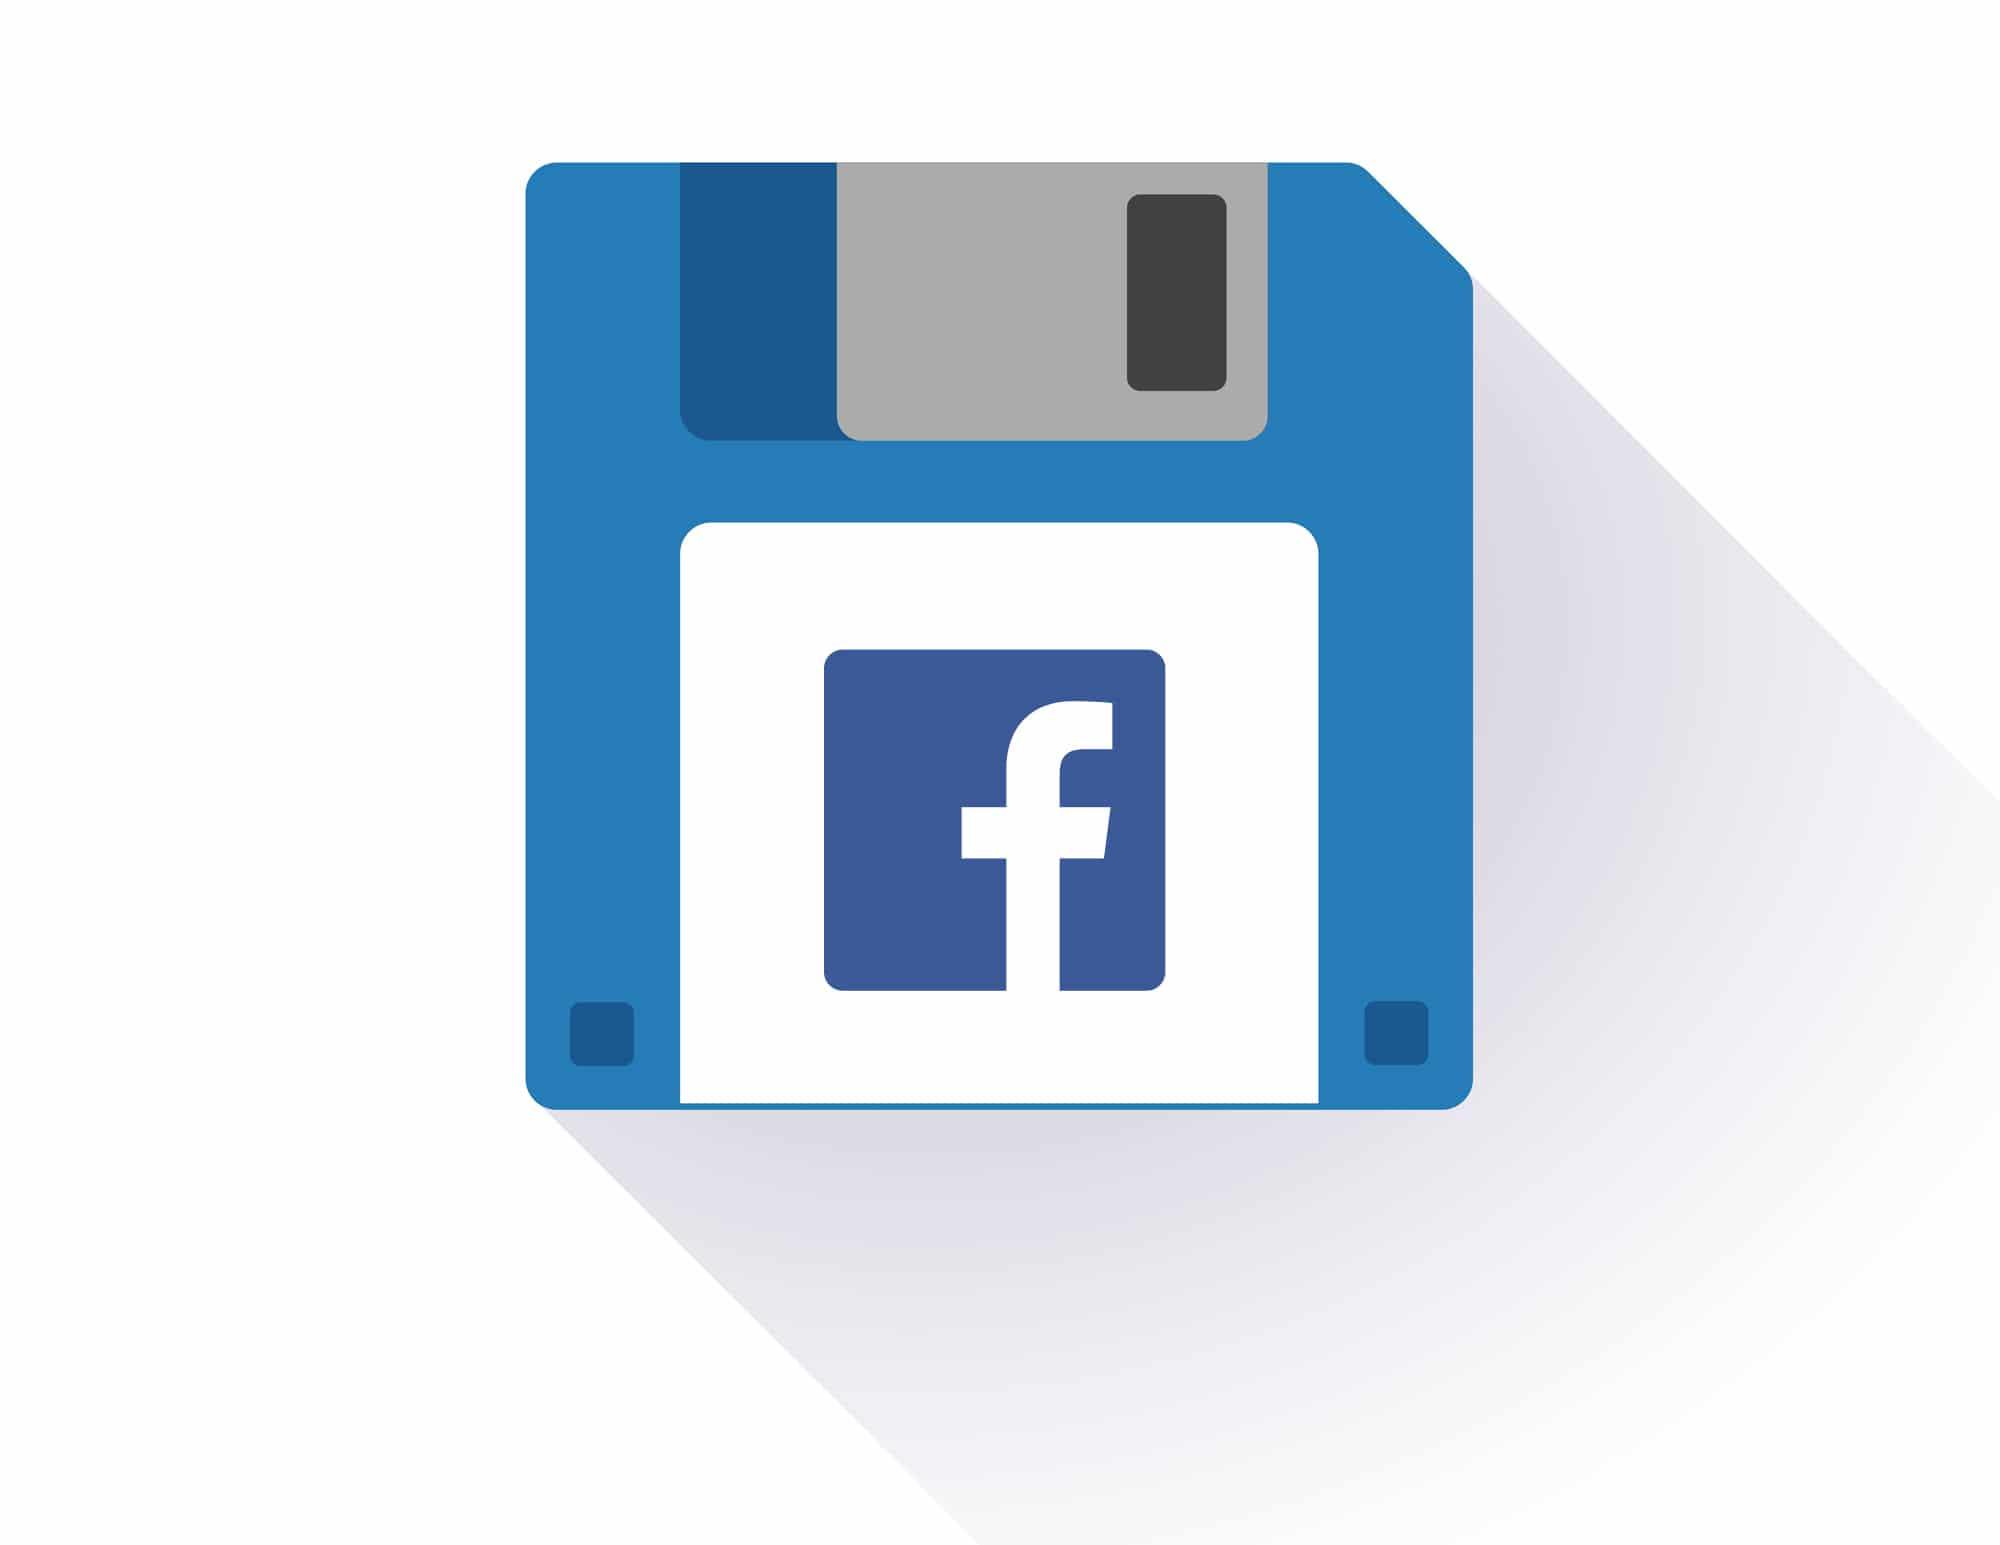 Der Speichern Button – Das neue Facebook-Feature